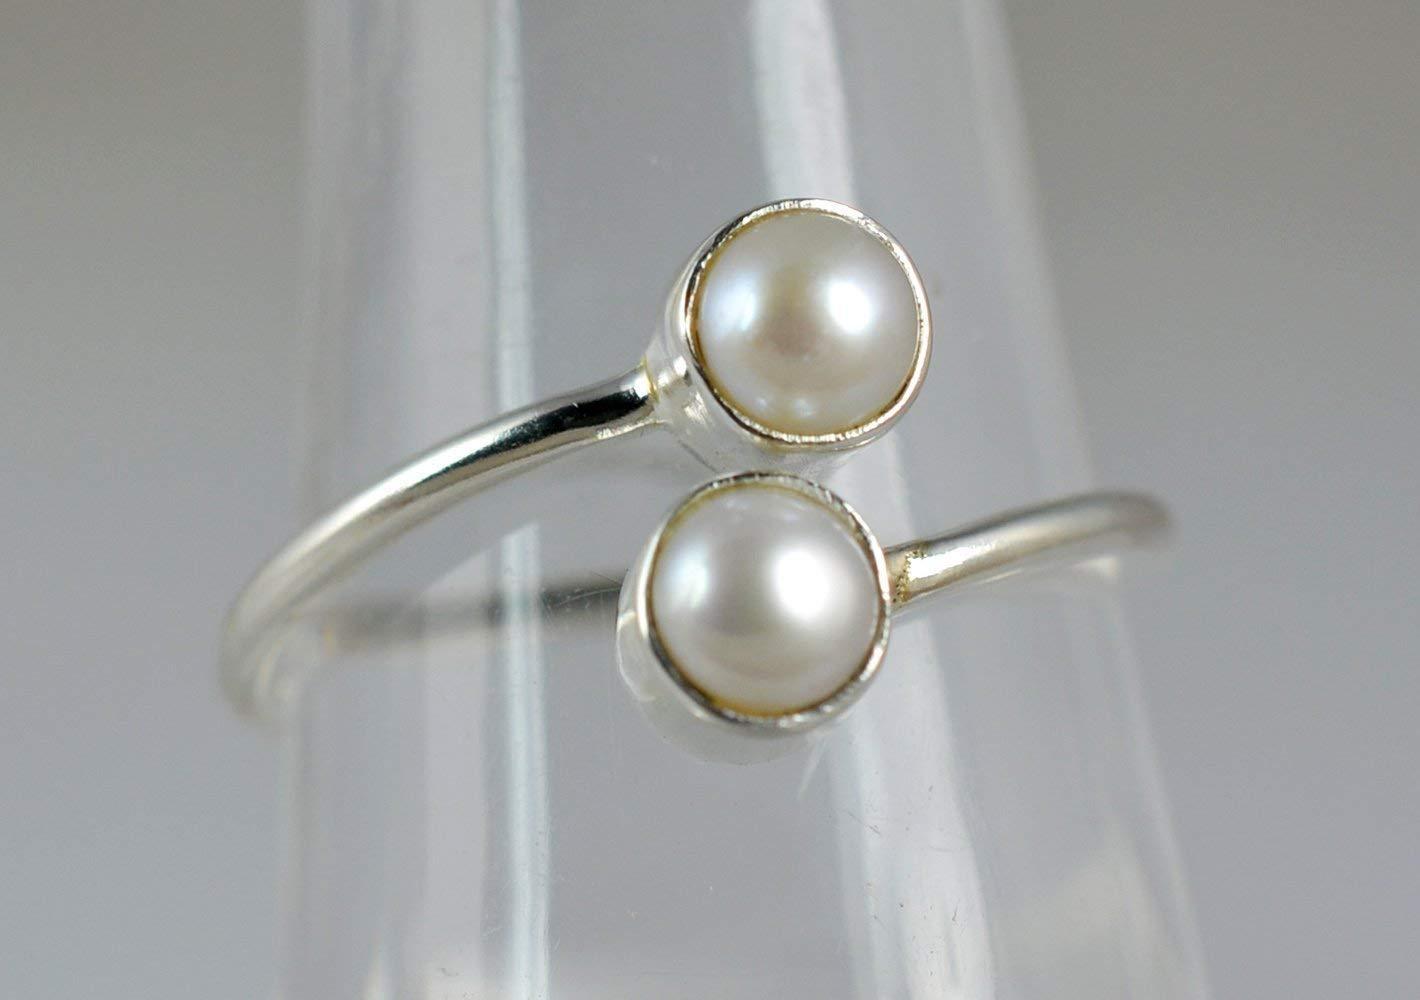 Perla de agua dulce genuina 925 hecho a mano de plata esterlina sólida anillo tamaño 4 a 29 ES